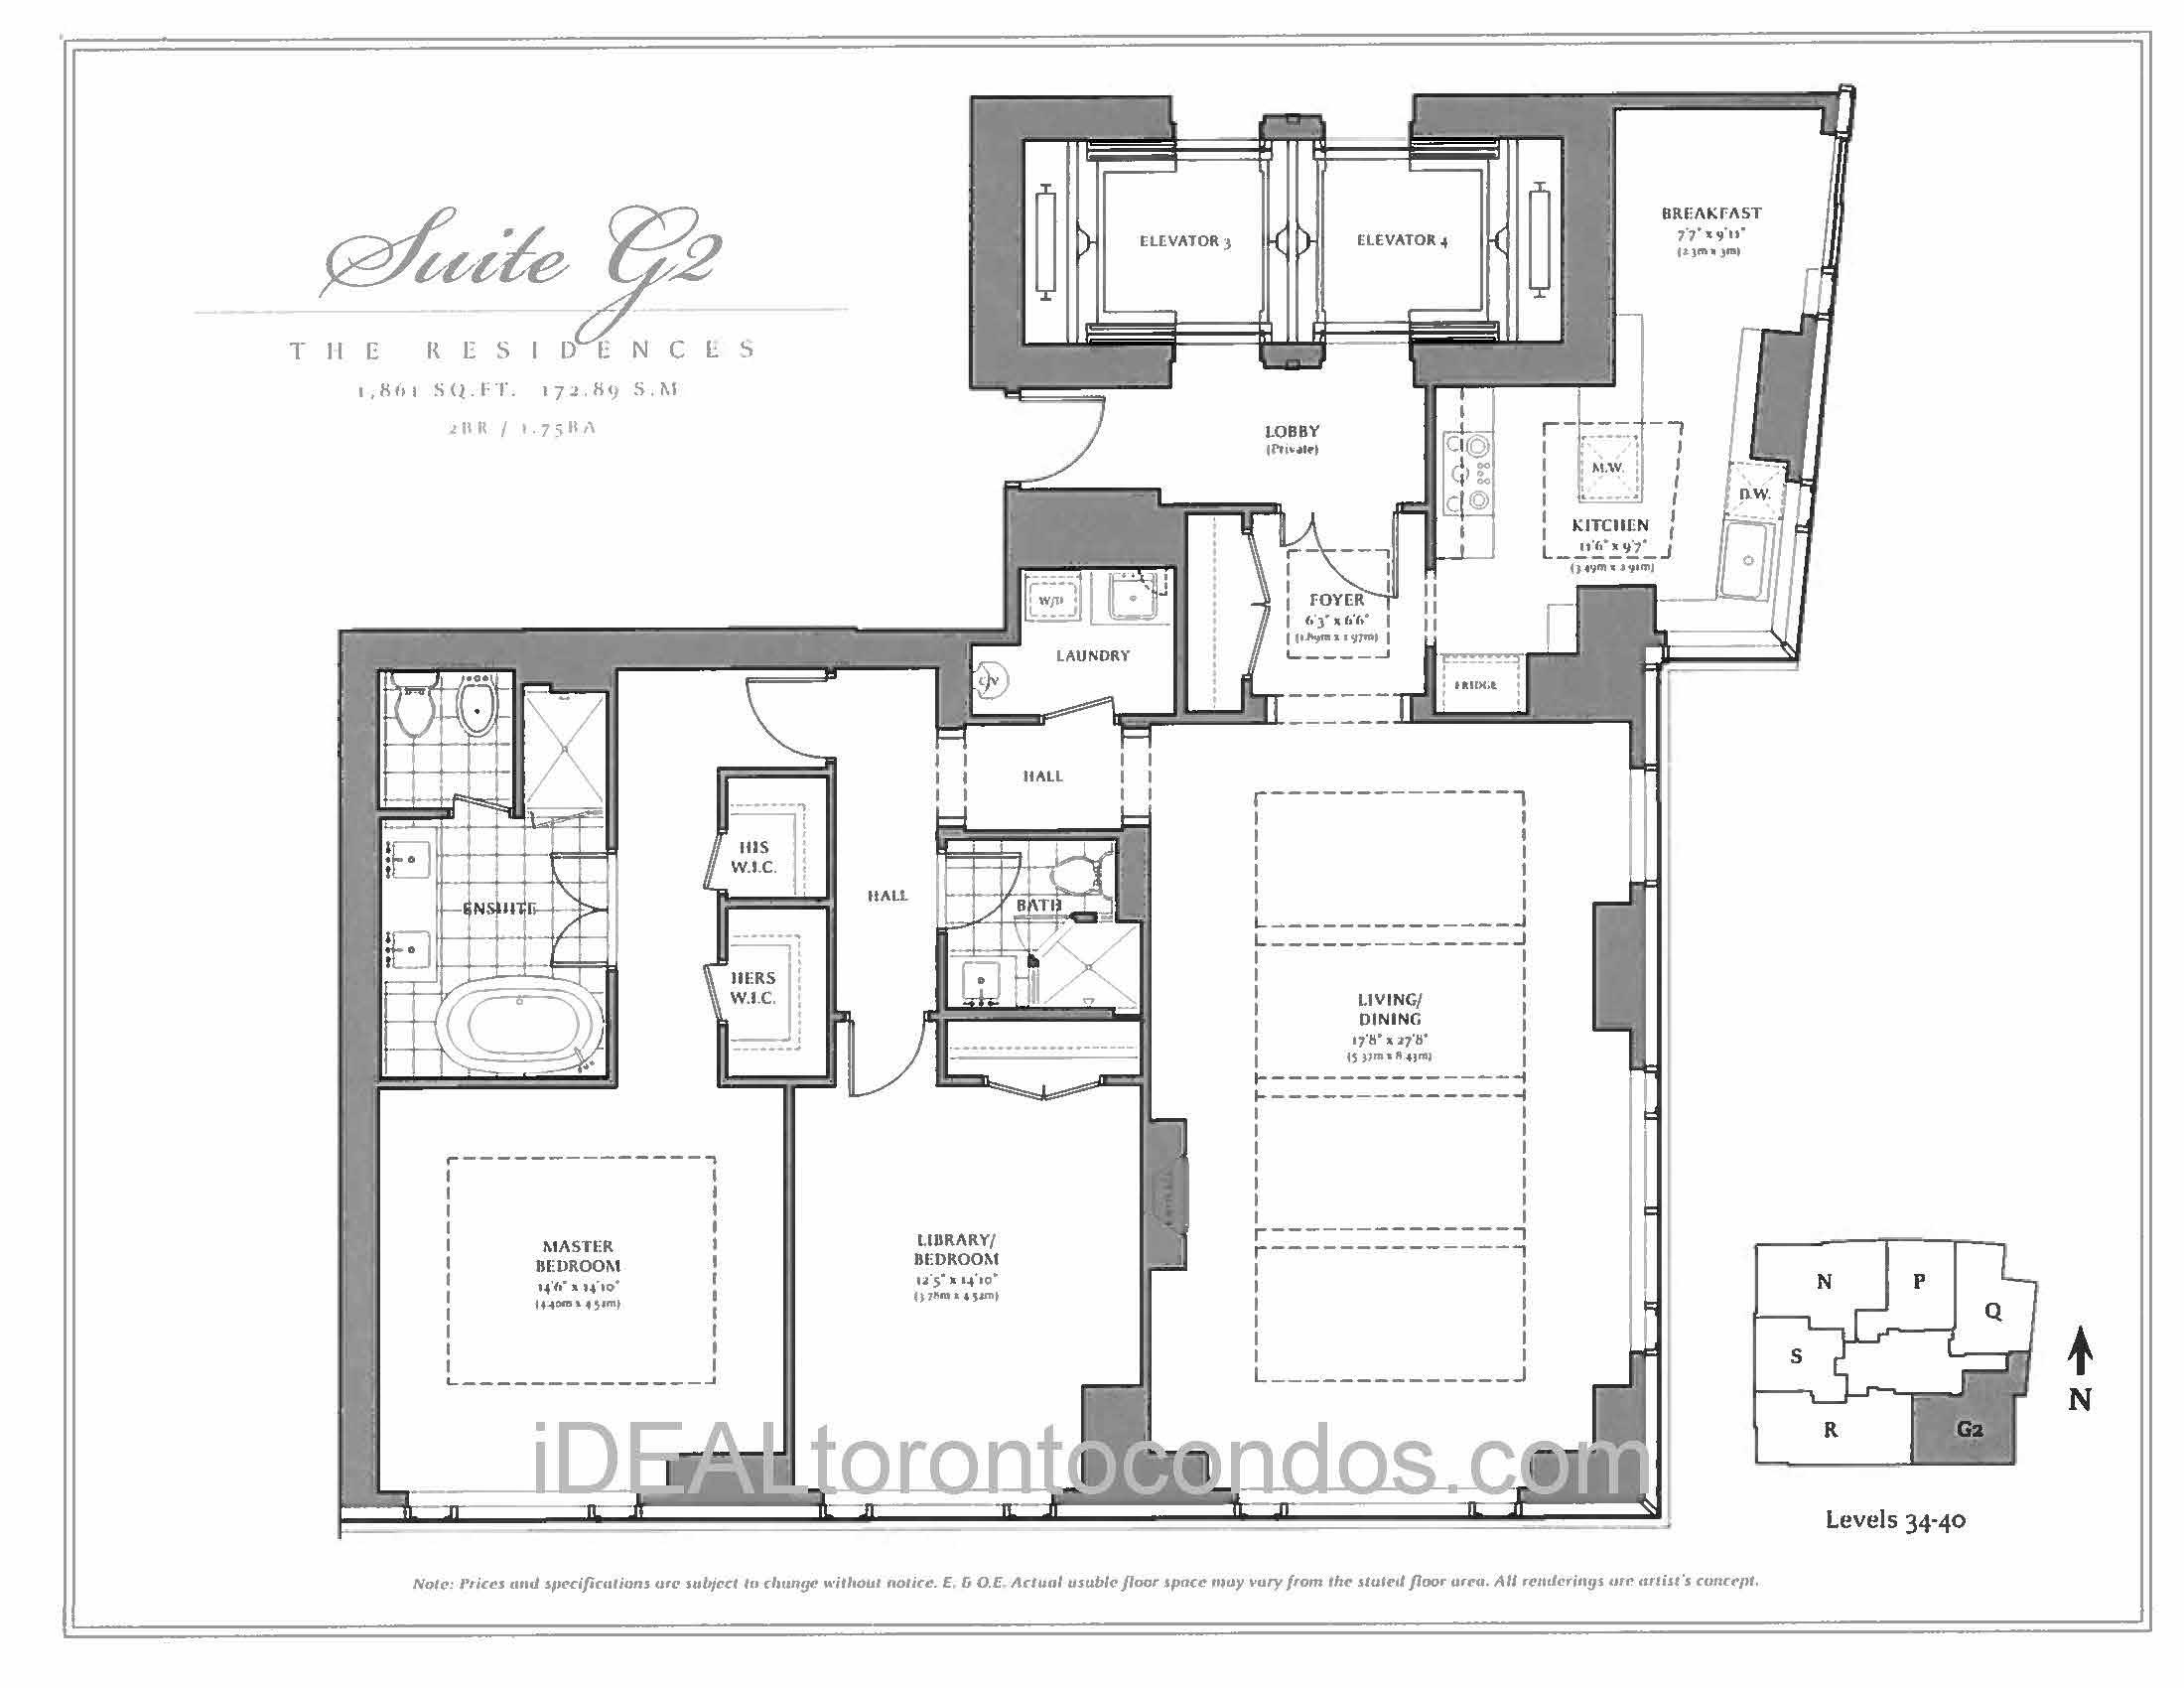 Suite G2